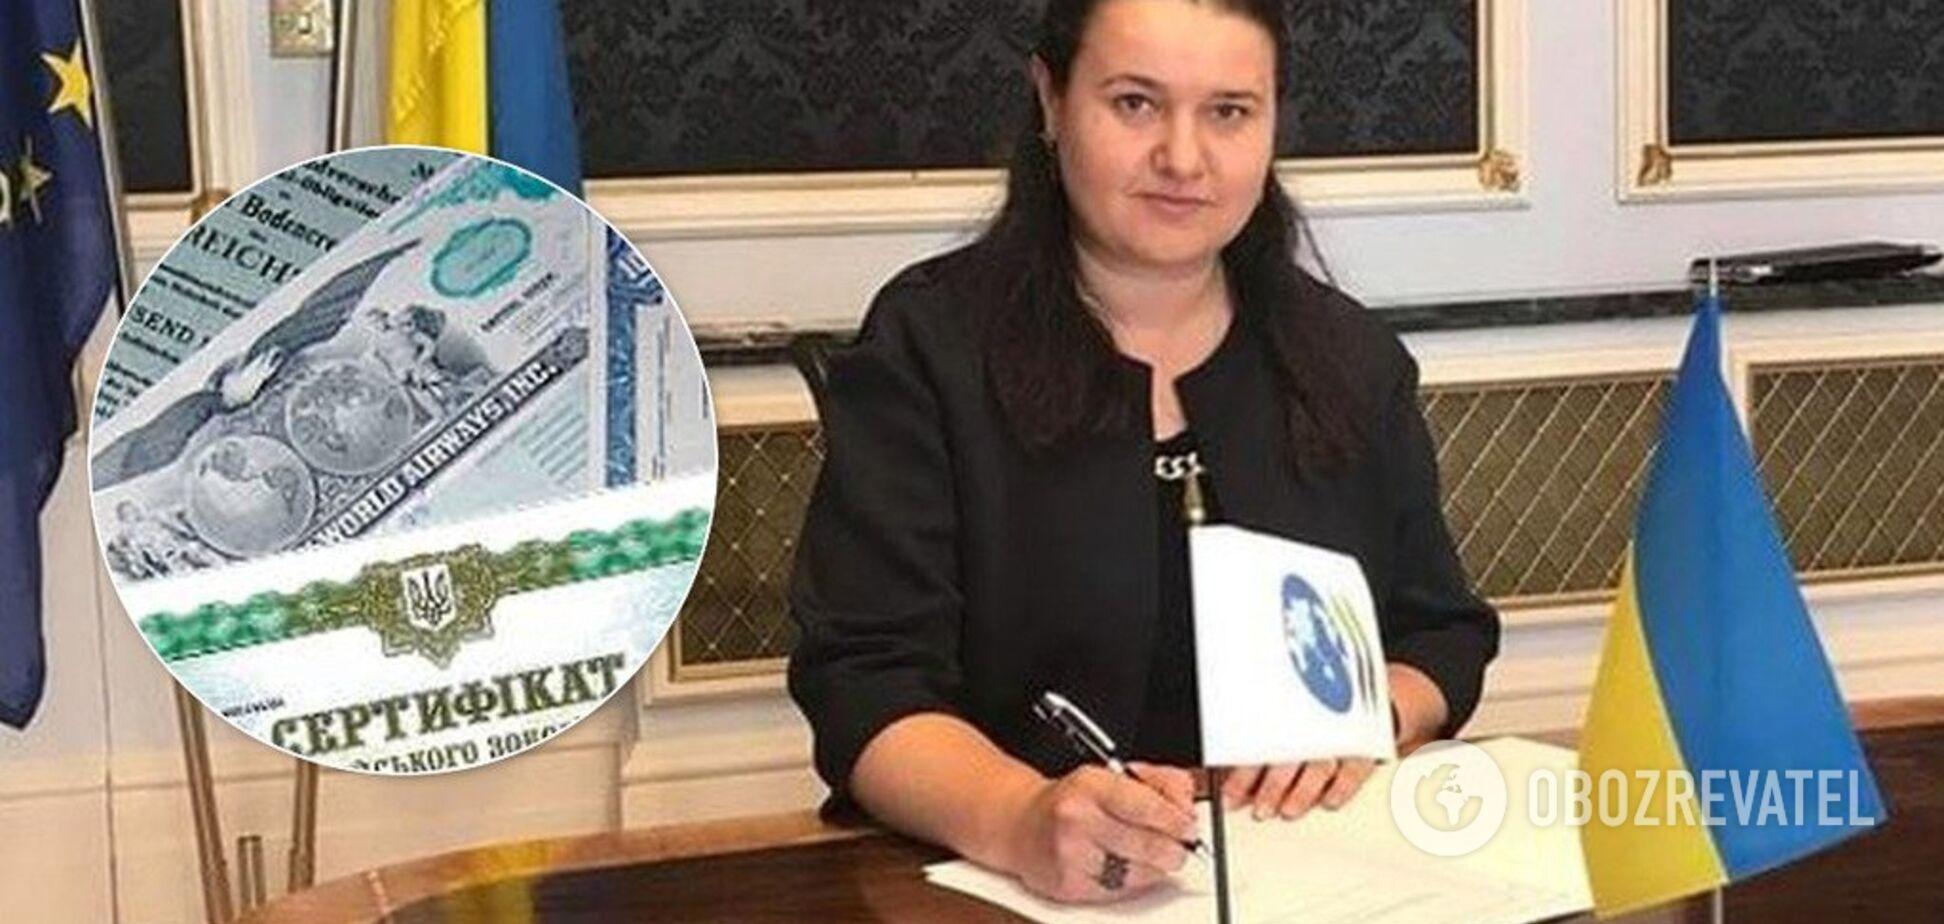 'Візьмемо в борг ще': Маркарова розповіла про плани продажу ОВДП